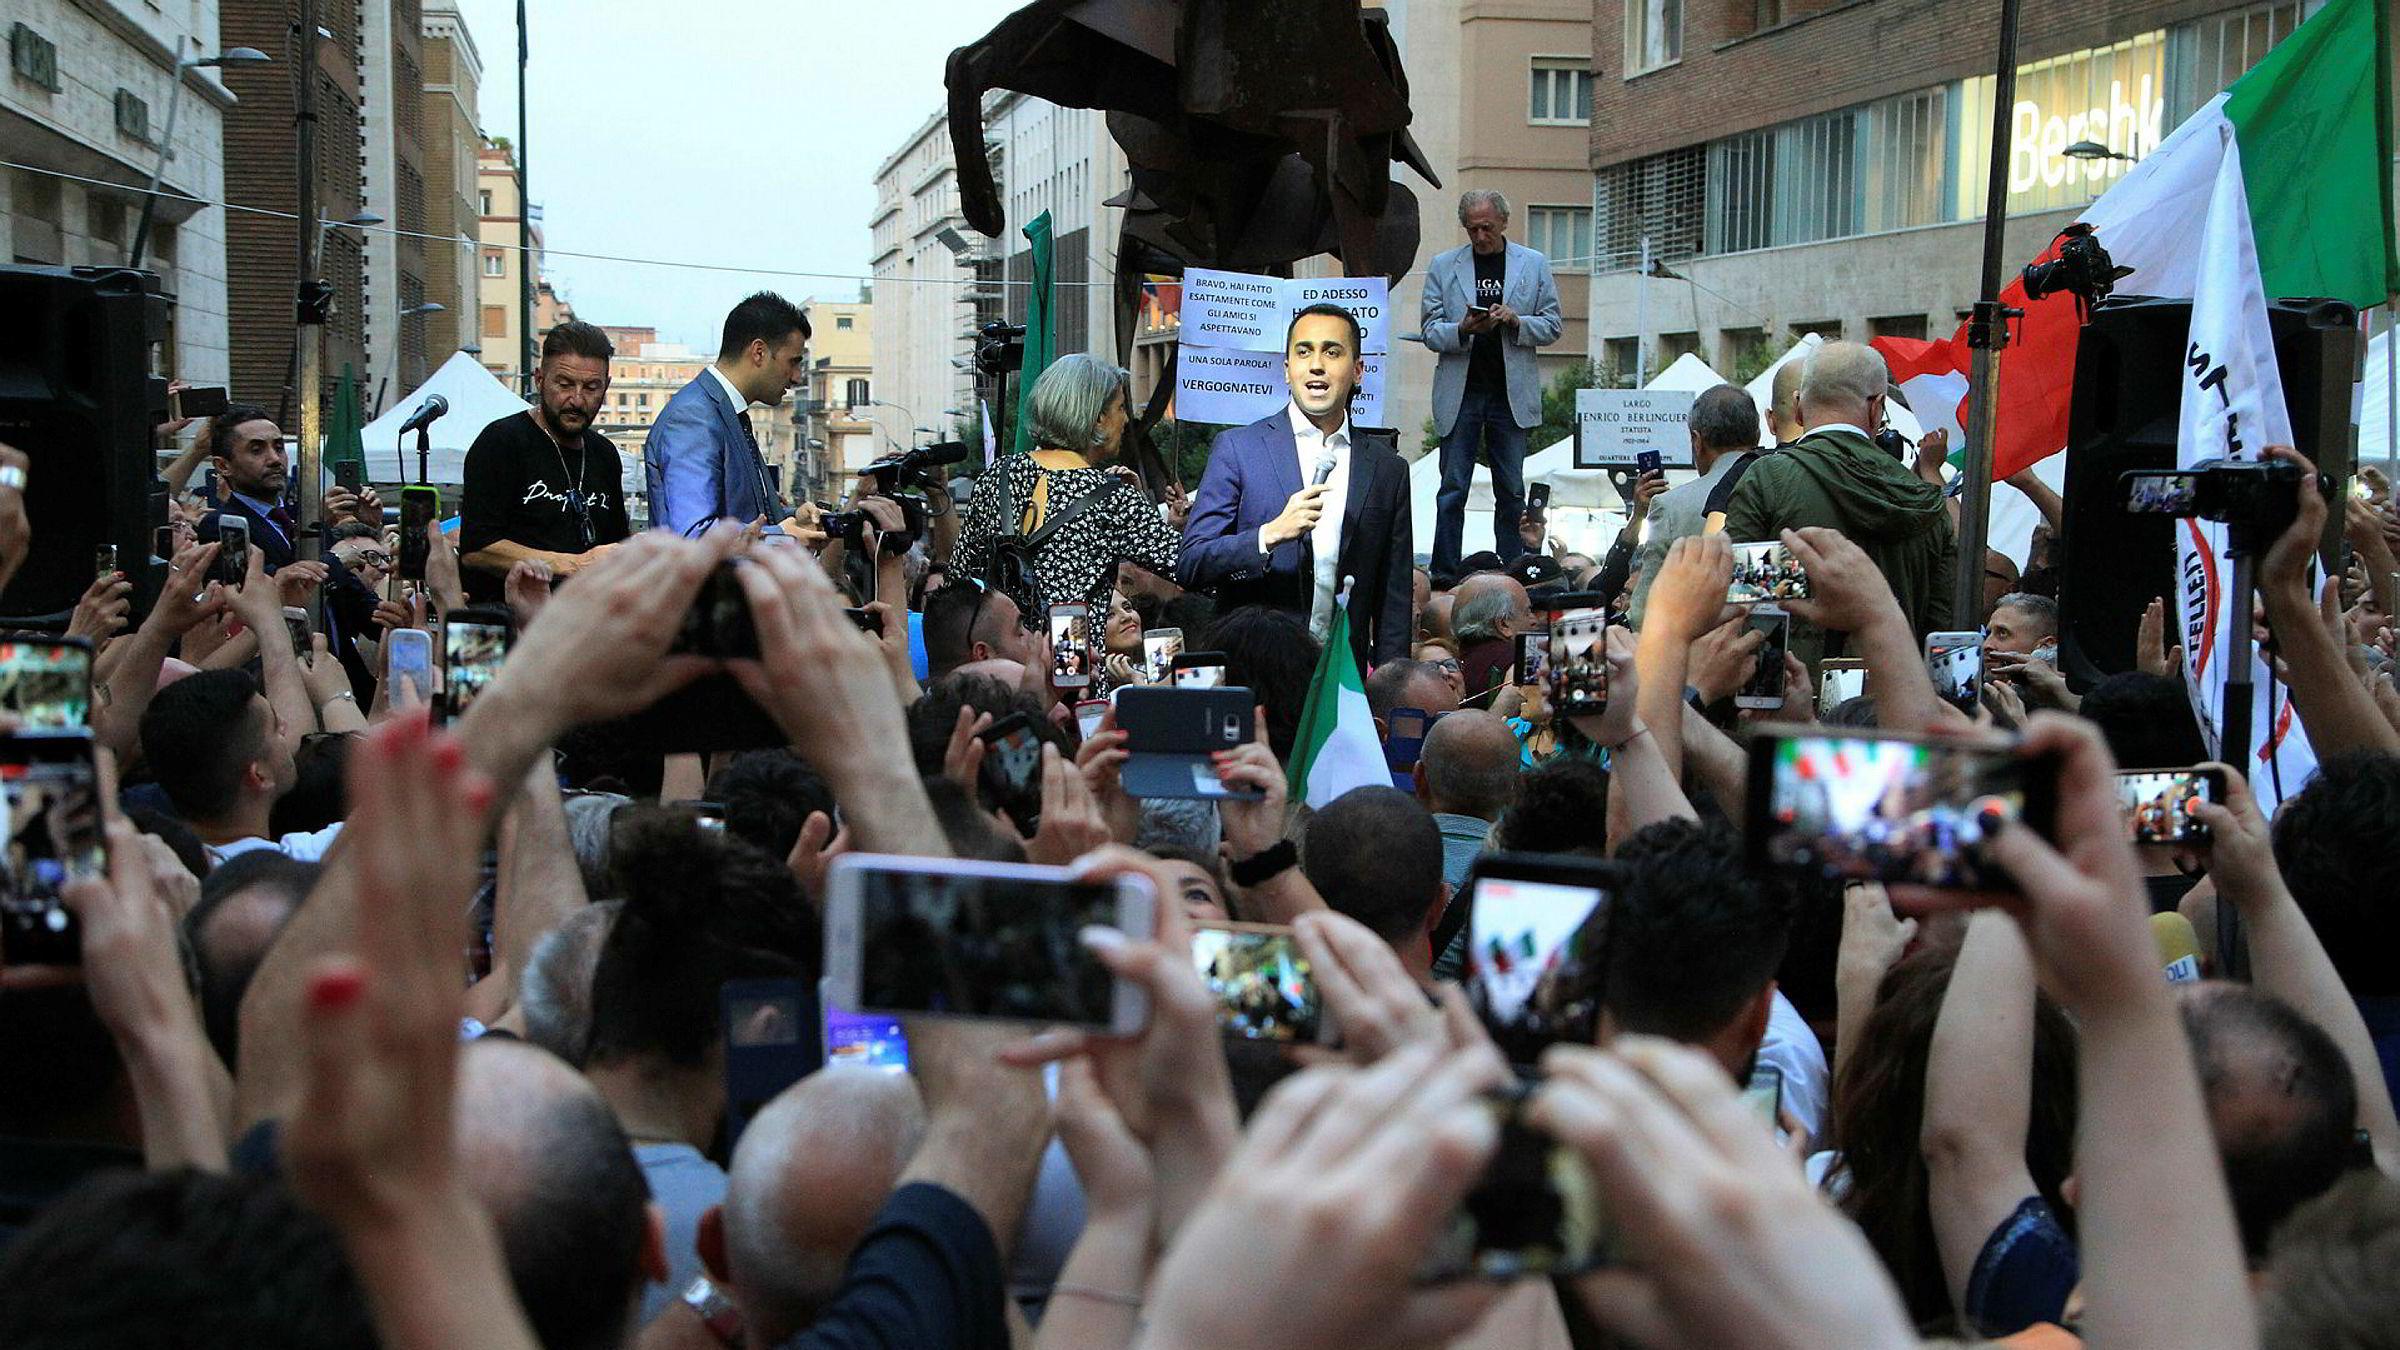 De nylige valgvinnerne, Ligaen og Femstjernersbevegelsen er virkelig populisme, råere og mer primitivt enn vi er vant til i pyntelige nord, skriver Janne Haaland Matlary. Her holder partilederen for Femstjernersbevegelsen, Luigi Di Maio, protestmøte i Napoli, etter at president Sergio Mattarella hadde nektet å godkjenne partienes forslag til finansminister.